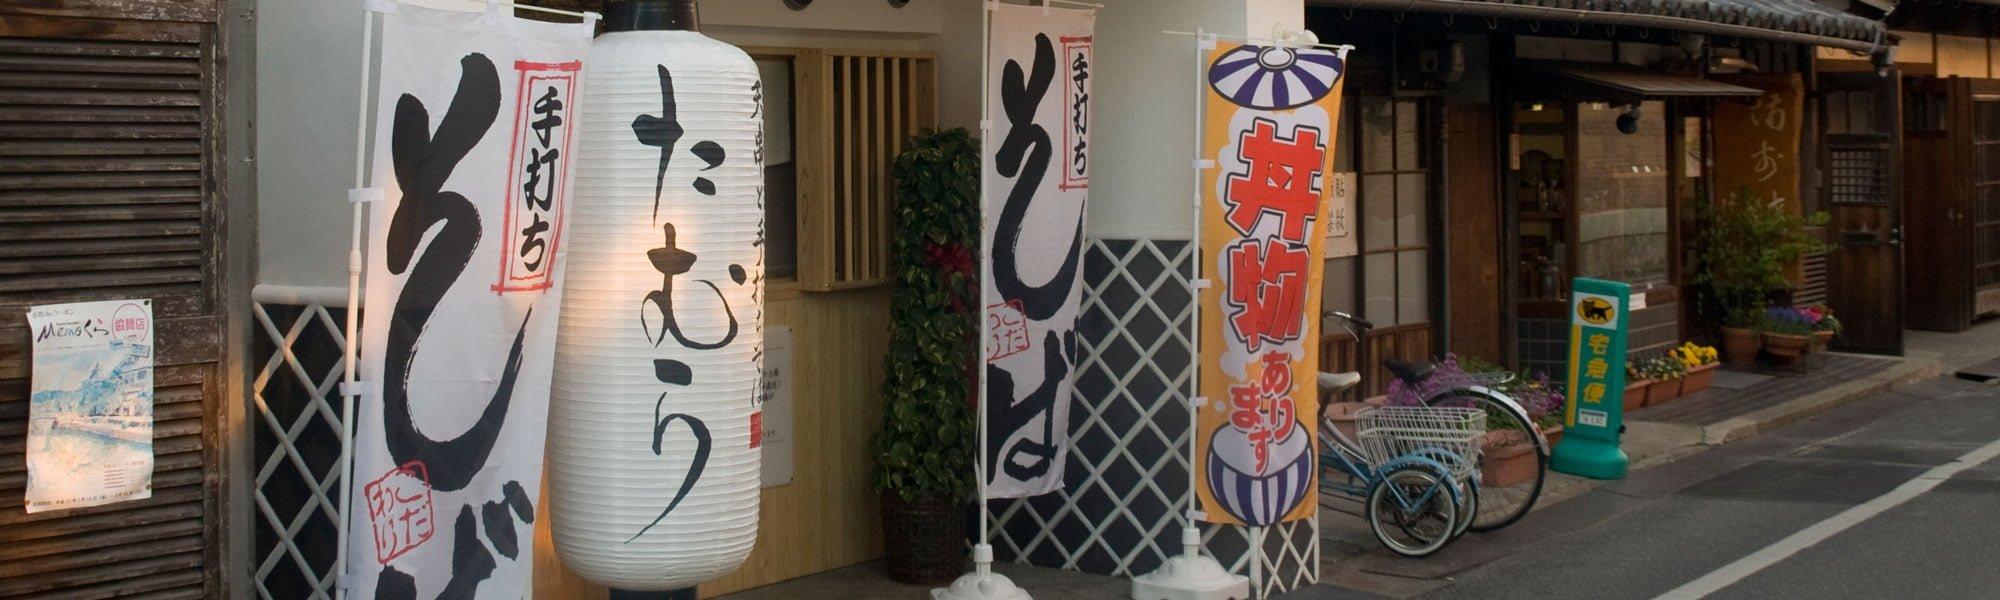 Butik i Japan